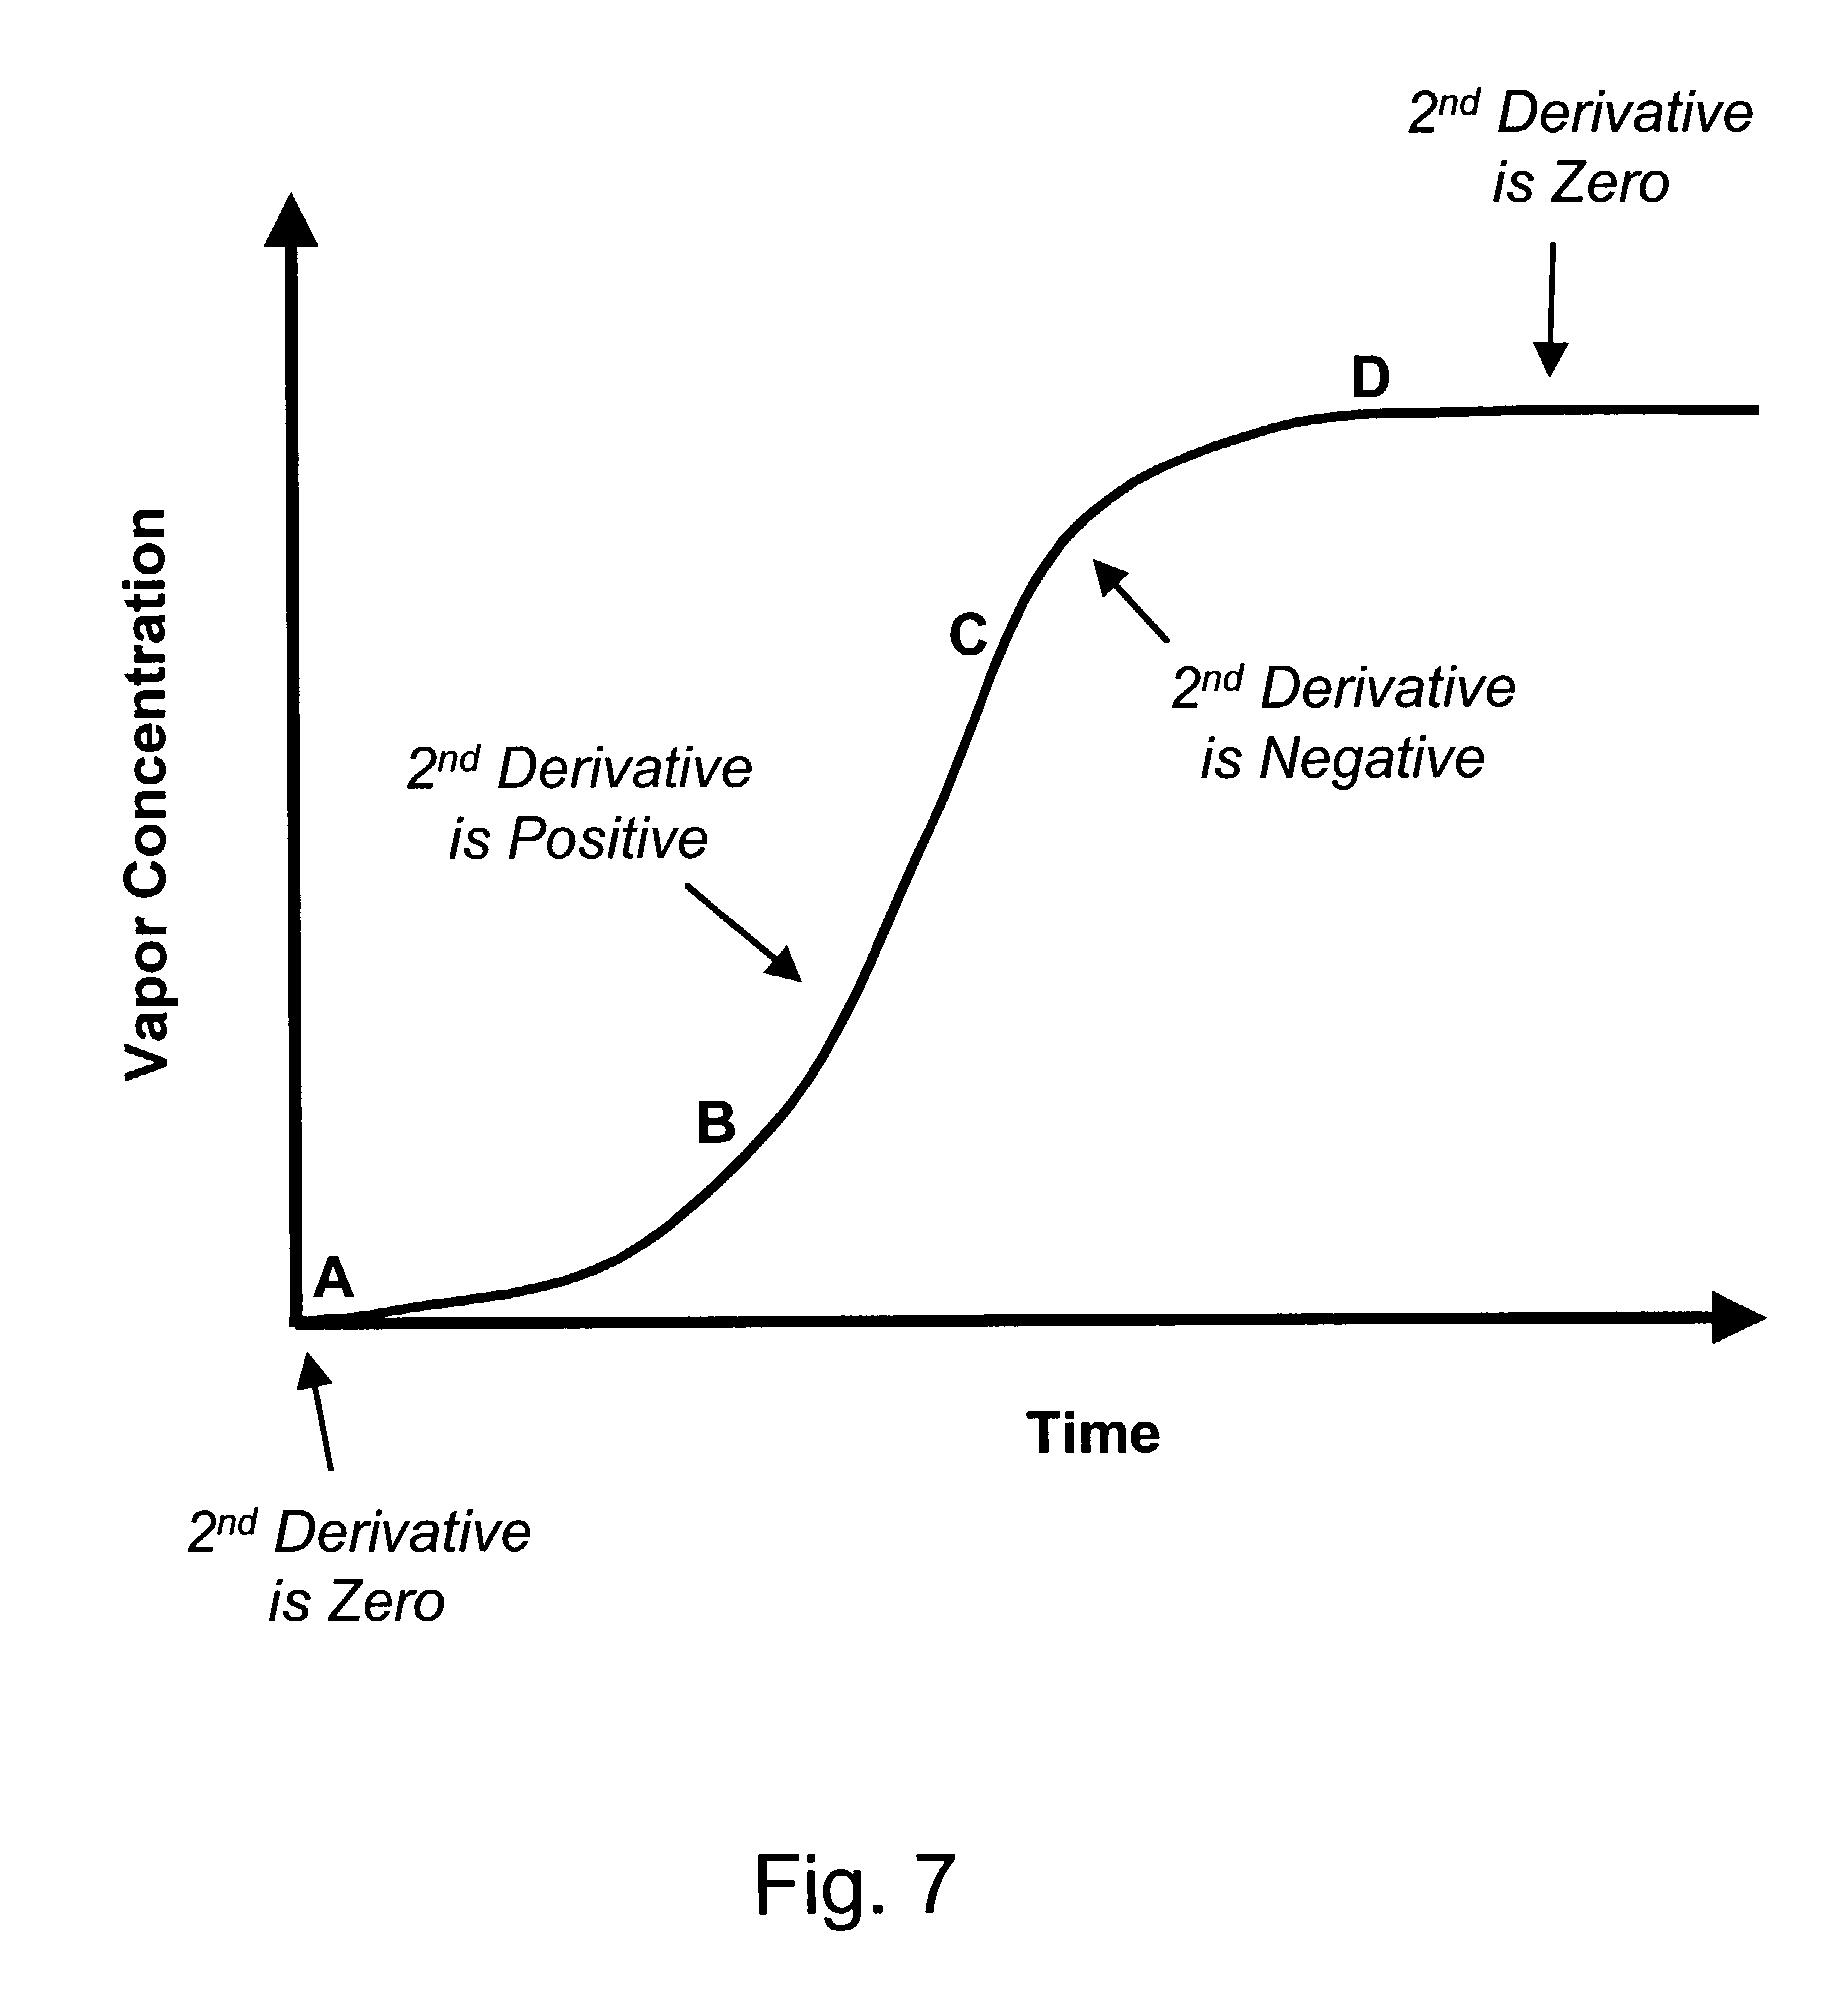 Diffusion coefficient apparatus essay